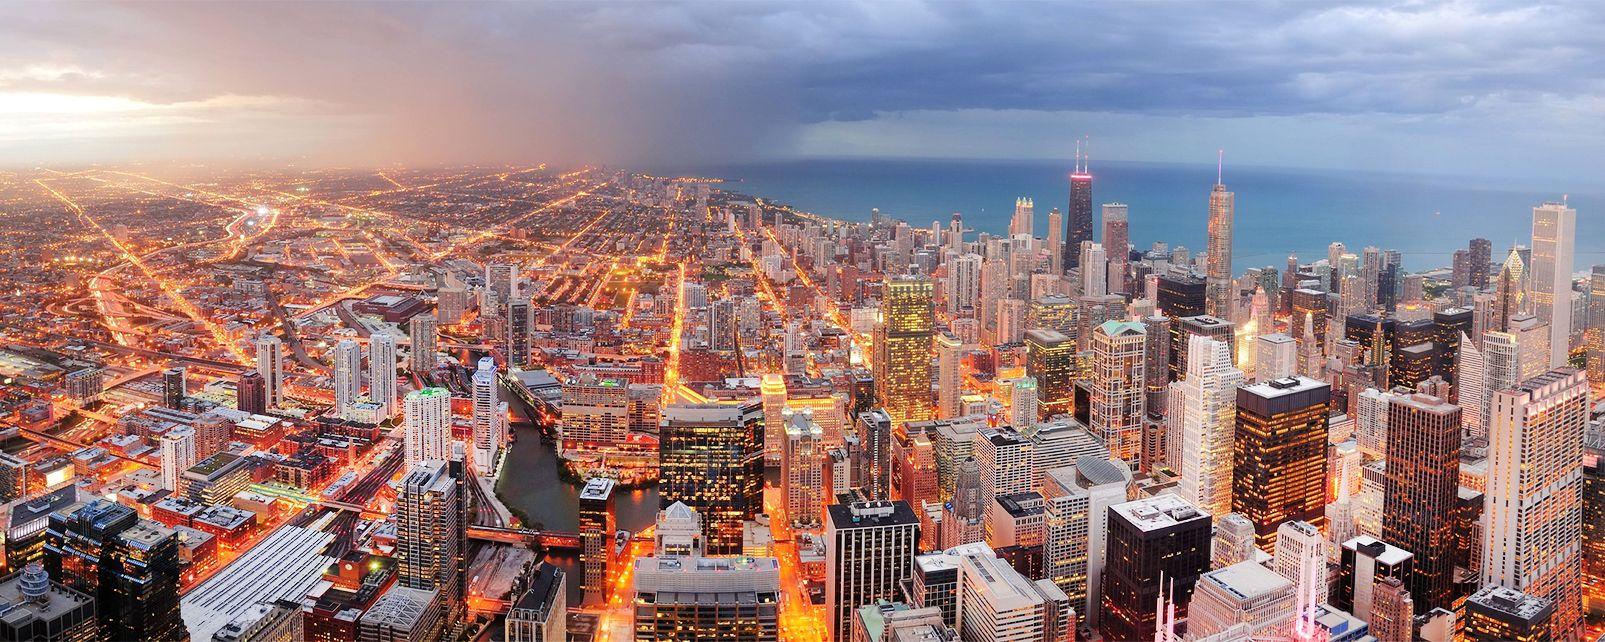 Amérique; Amérique du Nord; Etats-Unis; USA; Le Midwest; Chicago;